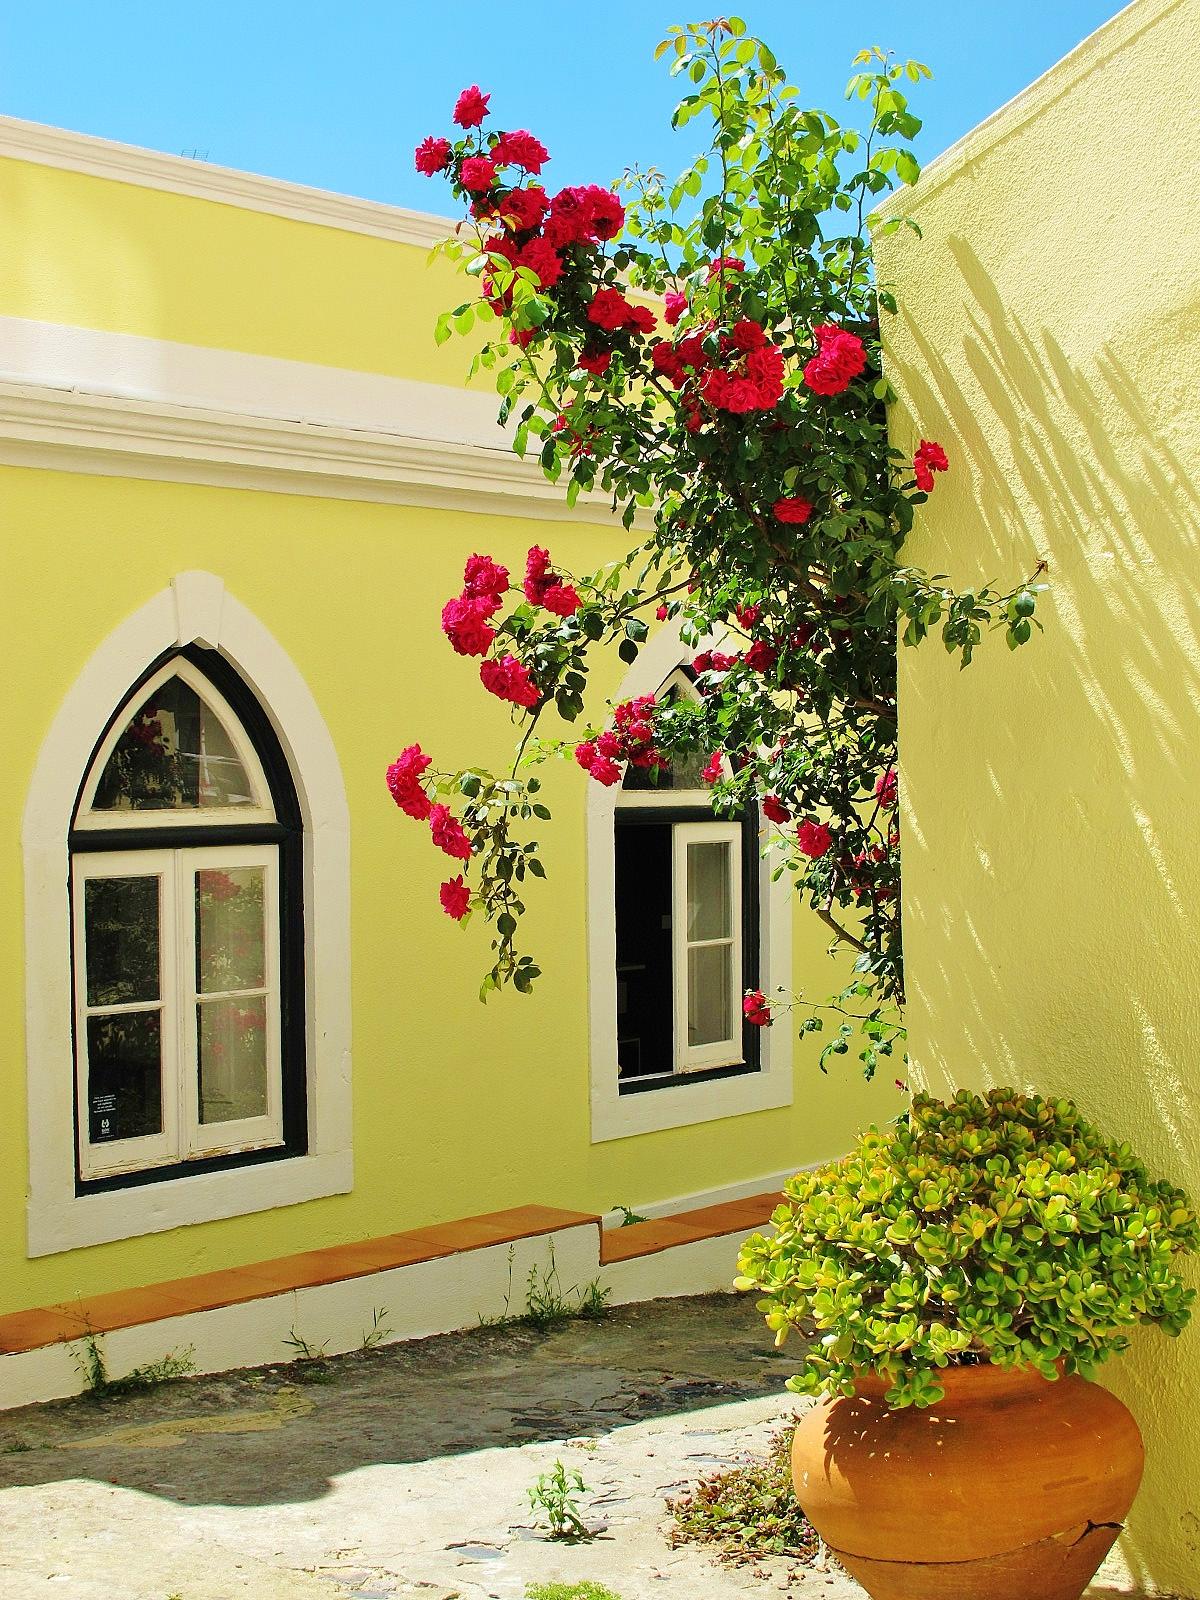 VILLA ROSA cottages